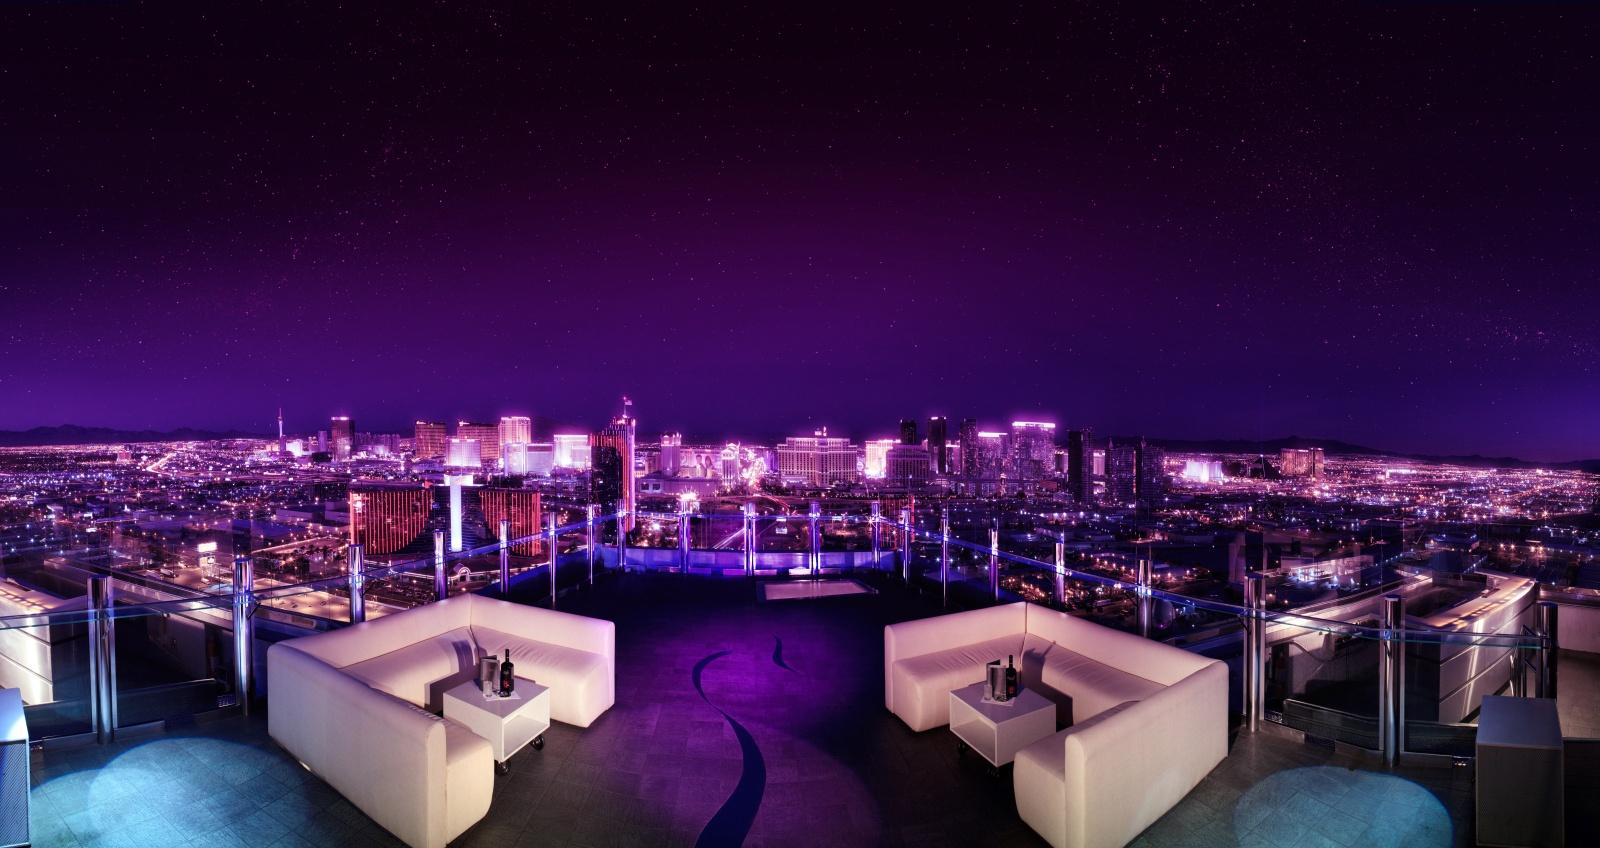 Palms Casino Resort Las Vegas club